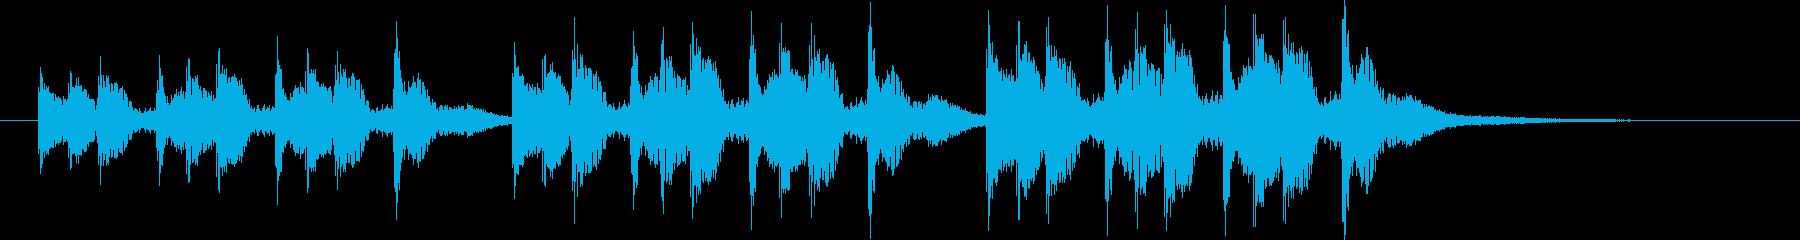 三本締め(一本締め×3)の再生済みの波形